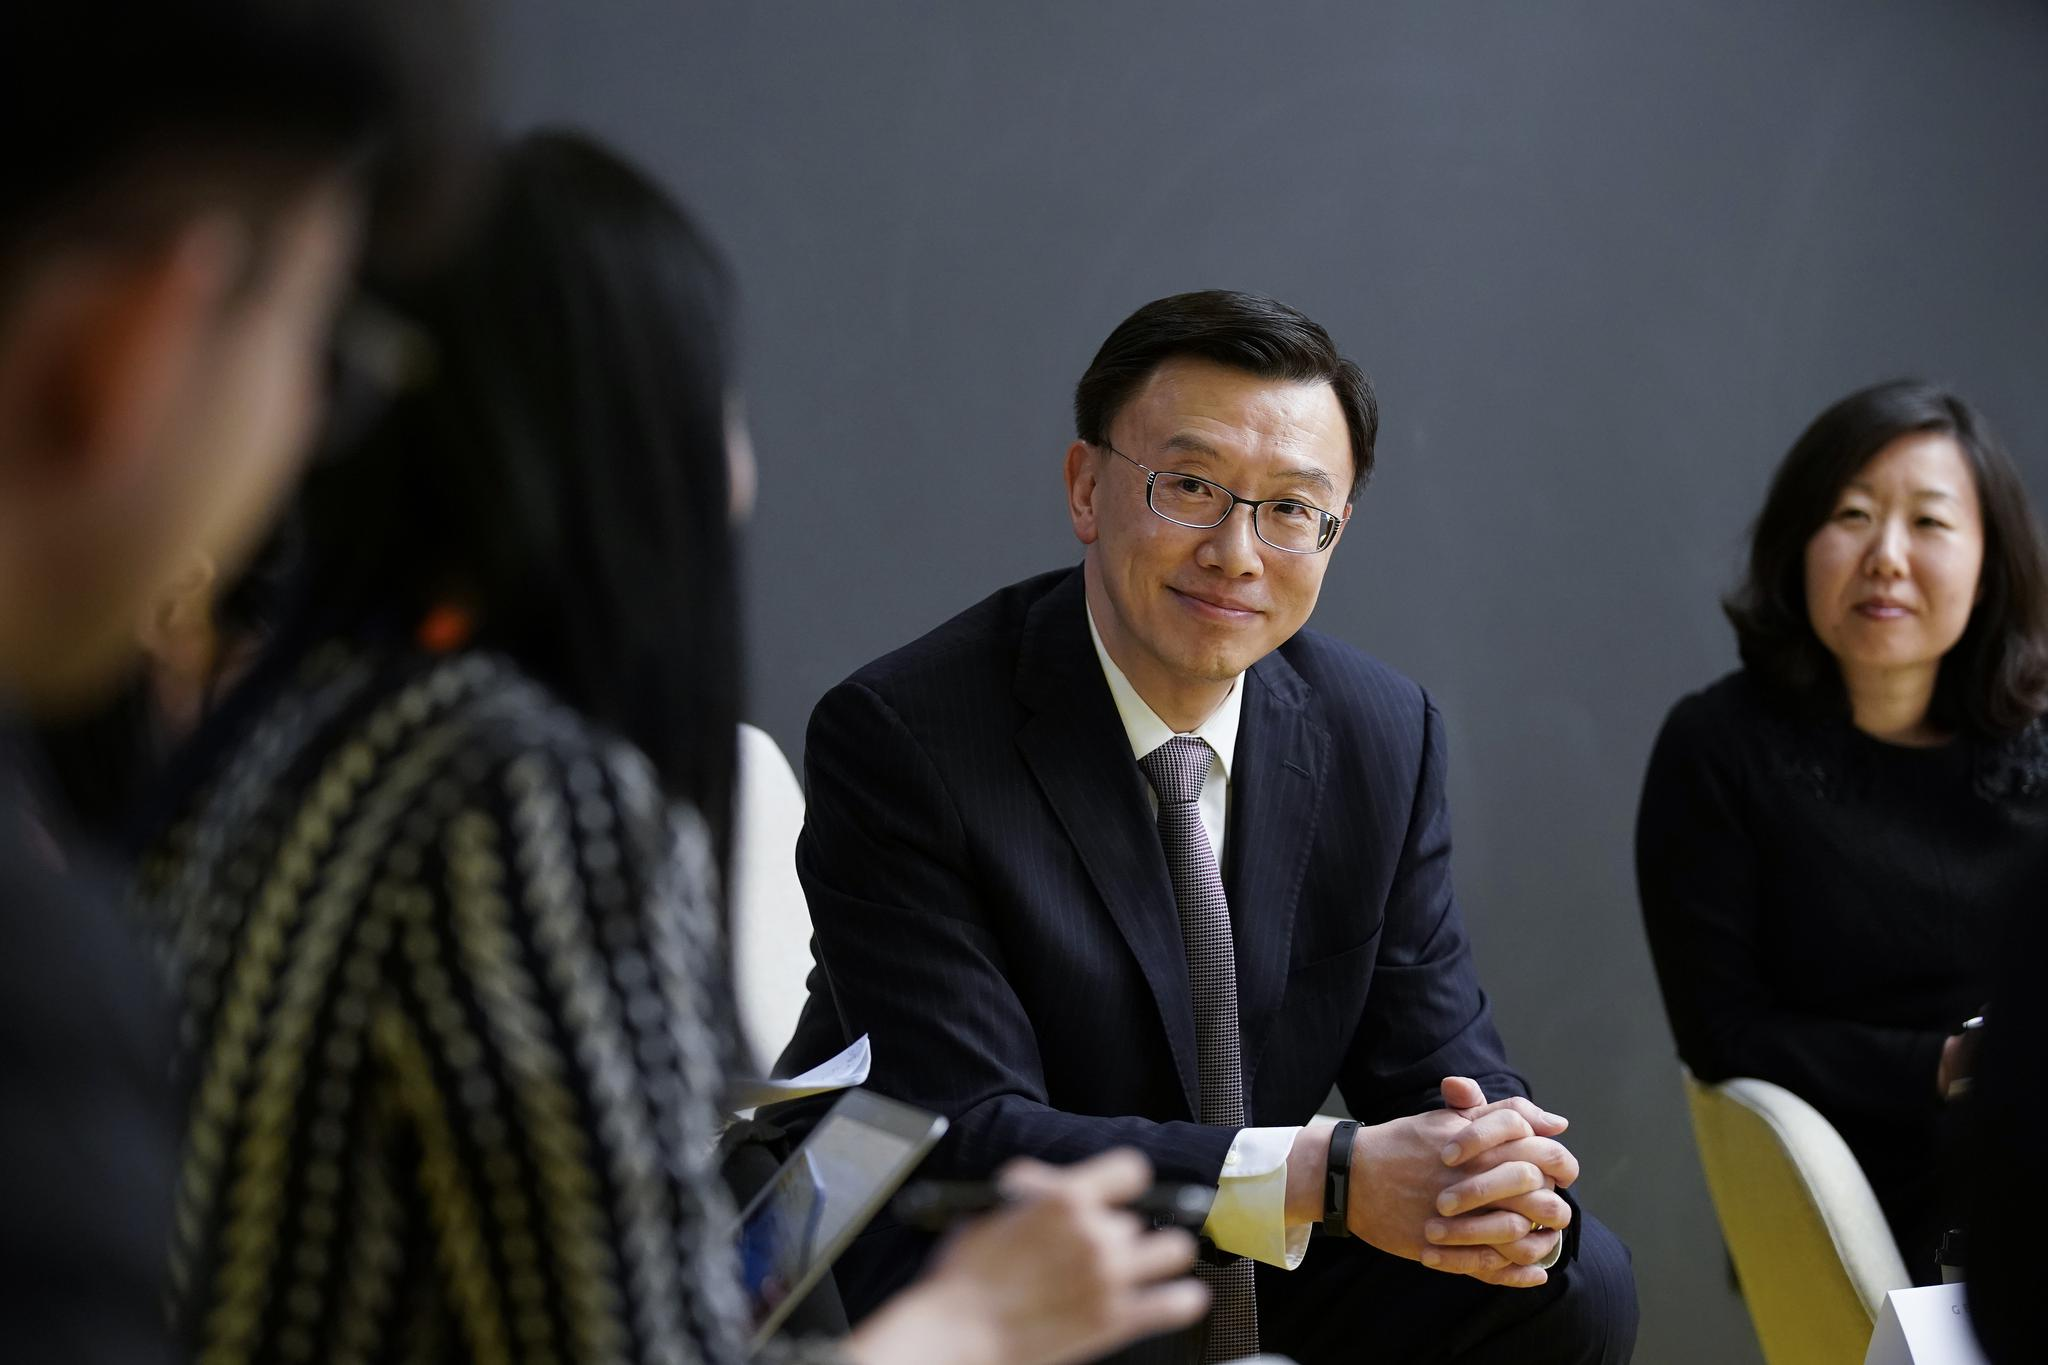 业问|通用中国总裁钱惠康:在华无大规模重组计划 加强对新技术投入